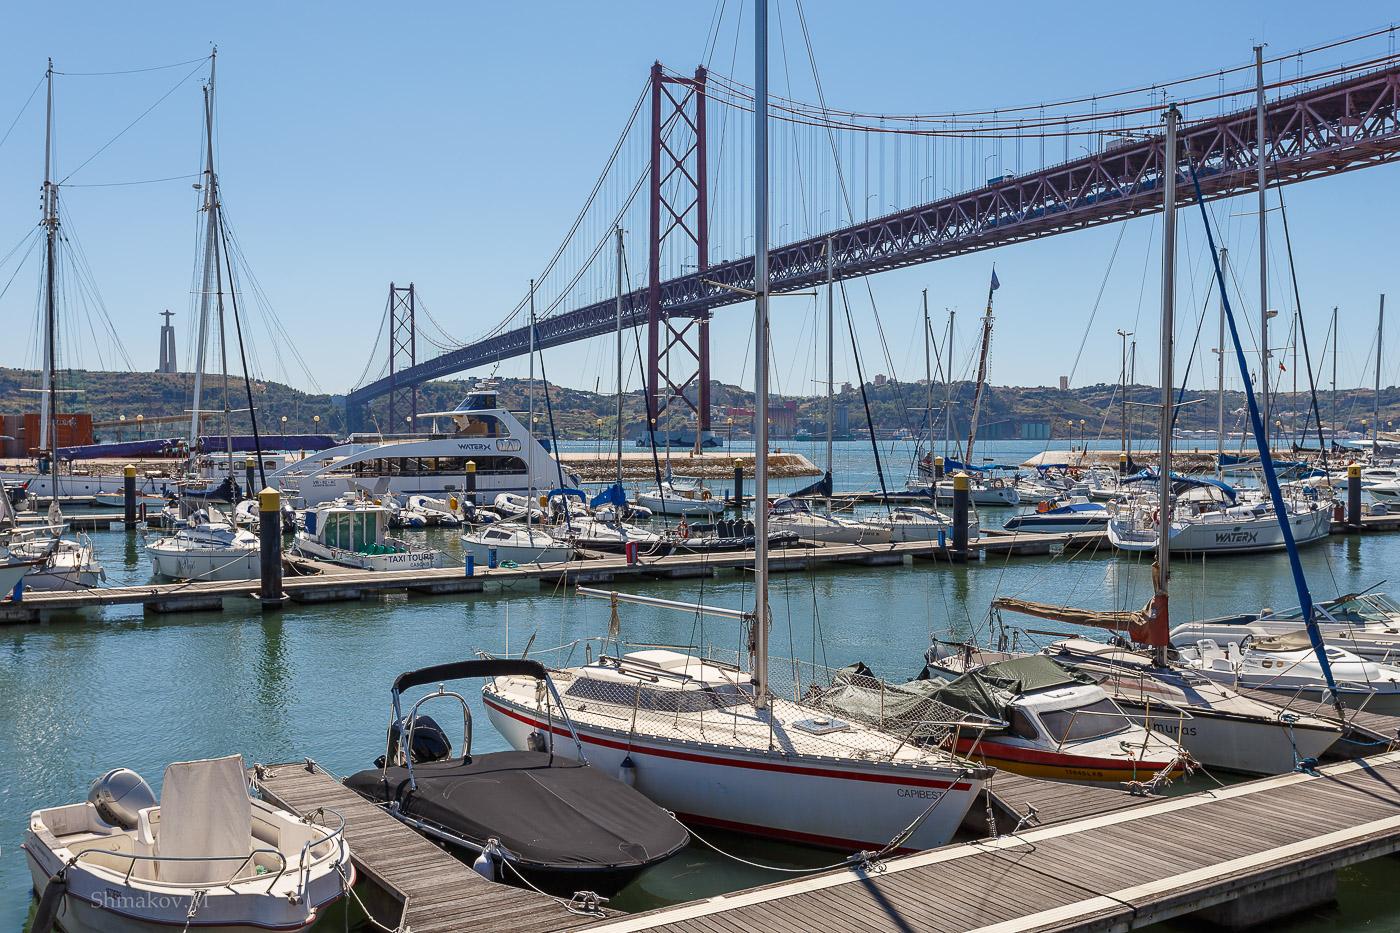 Фото 1. Лиссабонская марина. Отзыв об отдыхе в Португалии самостоятельно. Камера Canon 6D, объектив Canon EF 17-40mm f/4,0. Настройки: выдержка 1/320, экспокоррекция 0 EV, диафрагма f/9, ISO 100, фокусное расстояние 33 мм.